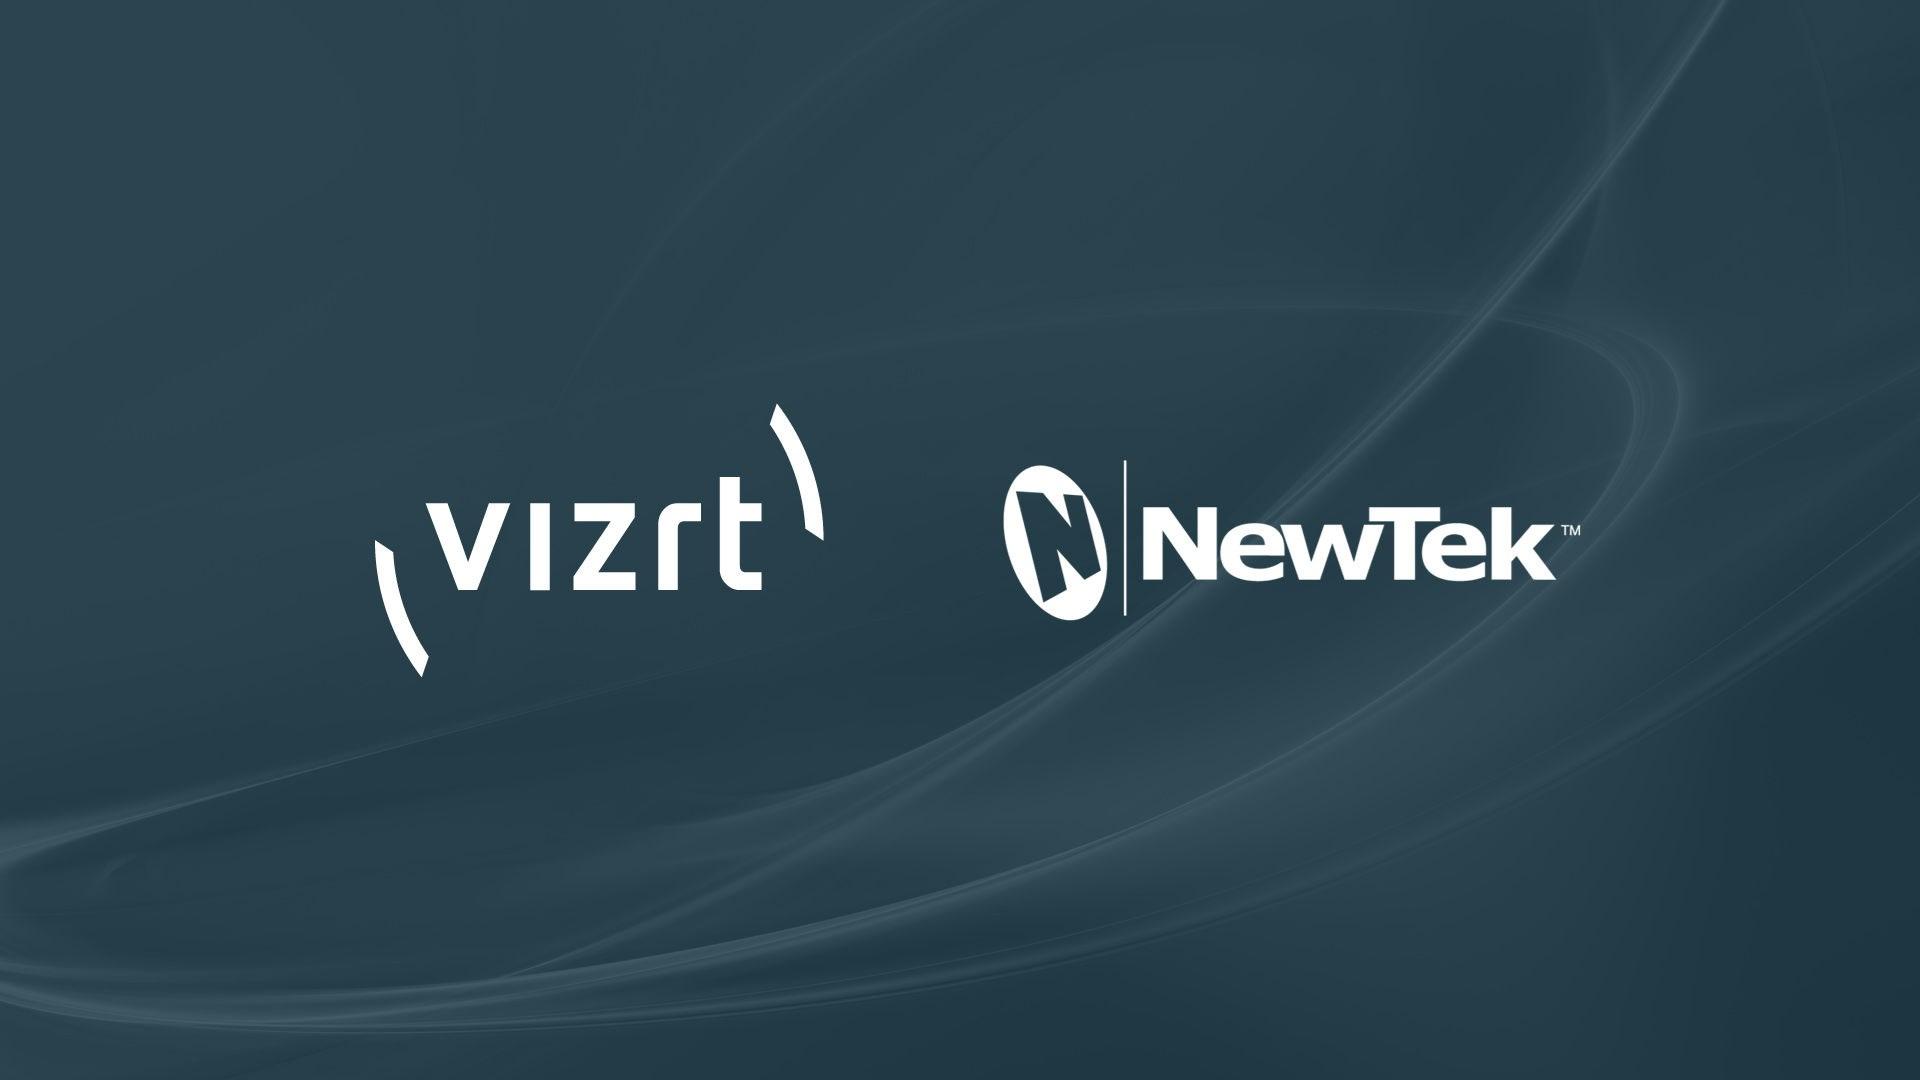 Vizrt and NewTek